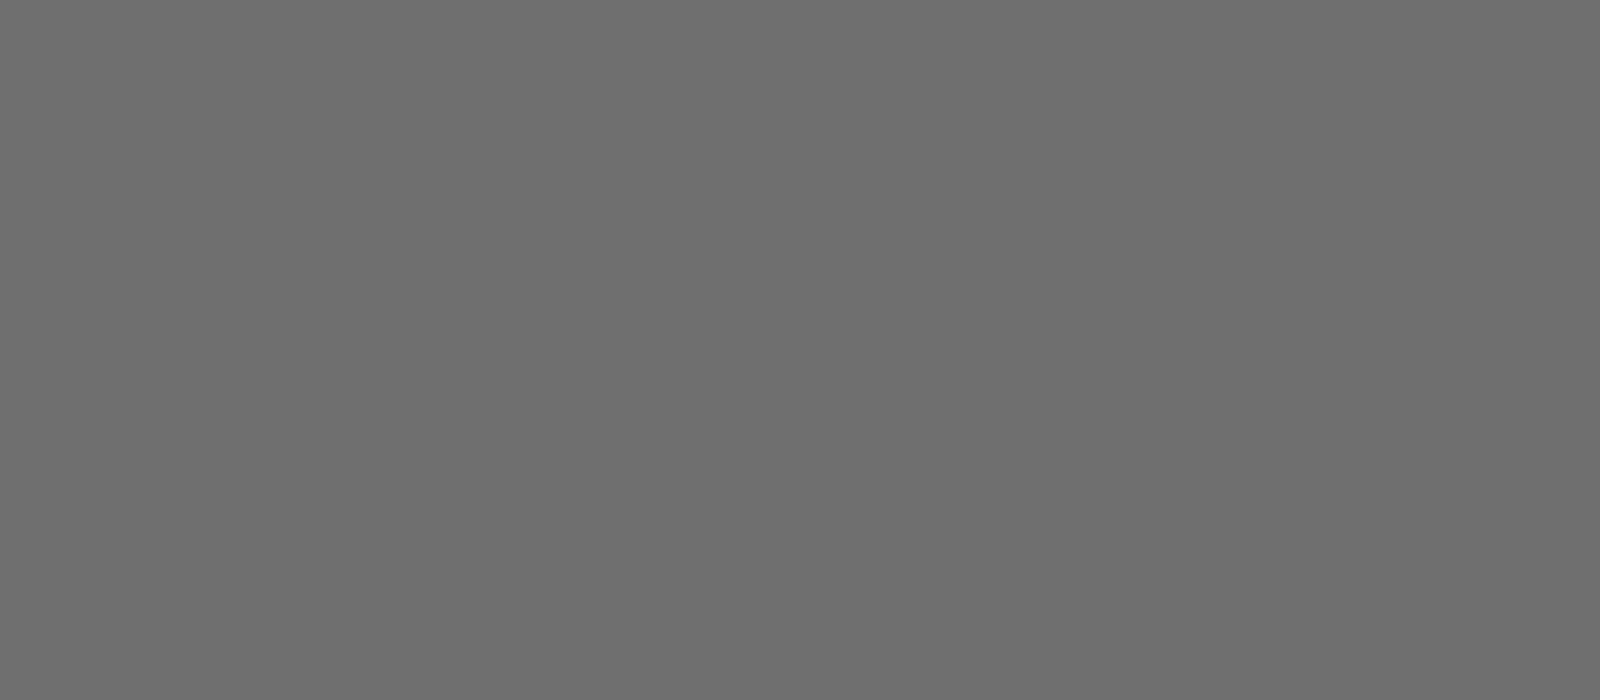 Perfect Touch arktisgrau       0,35 1420